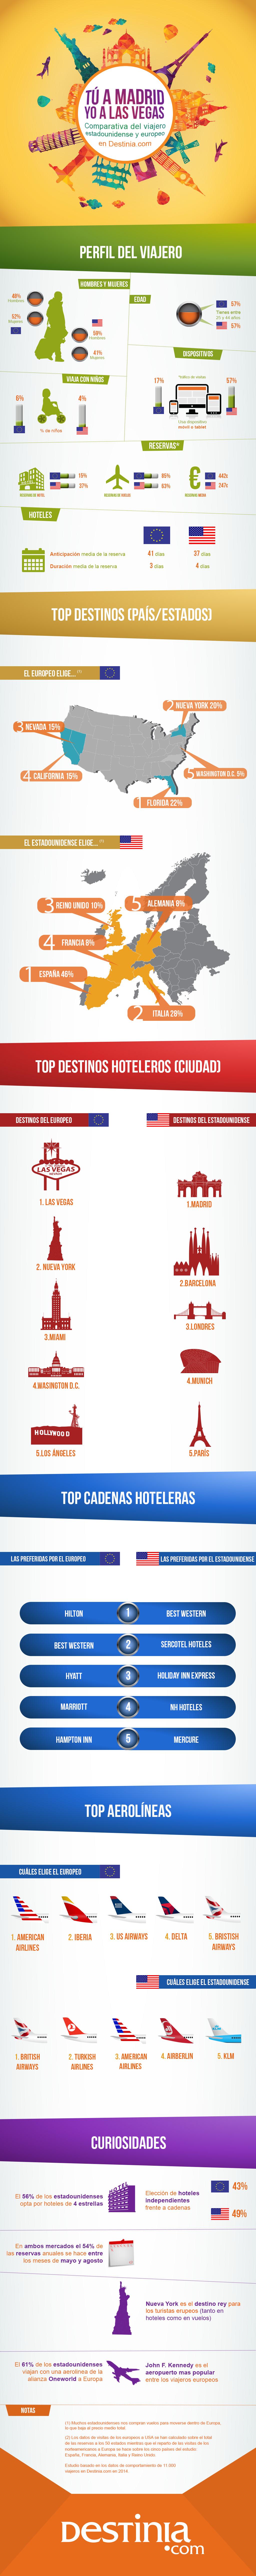 comparativa turista USA_EU-ok_2050320